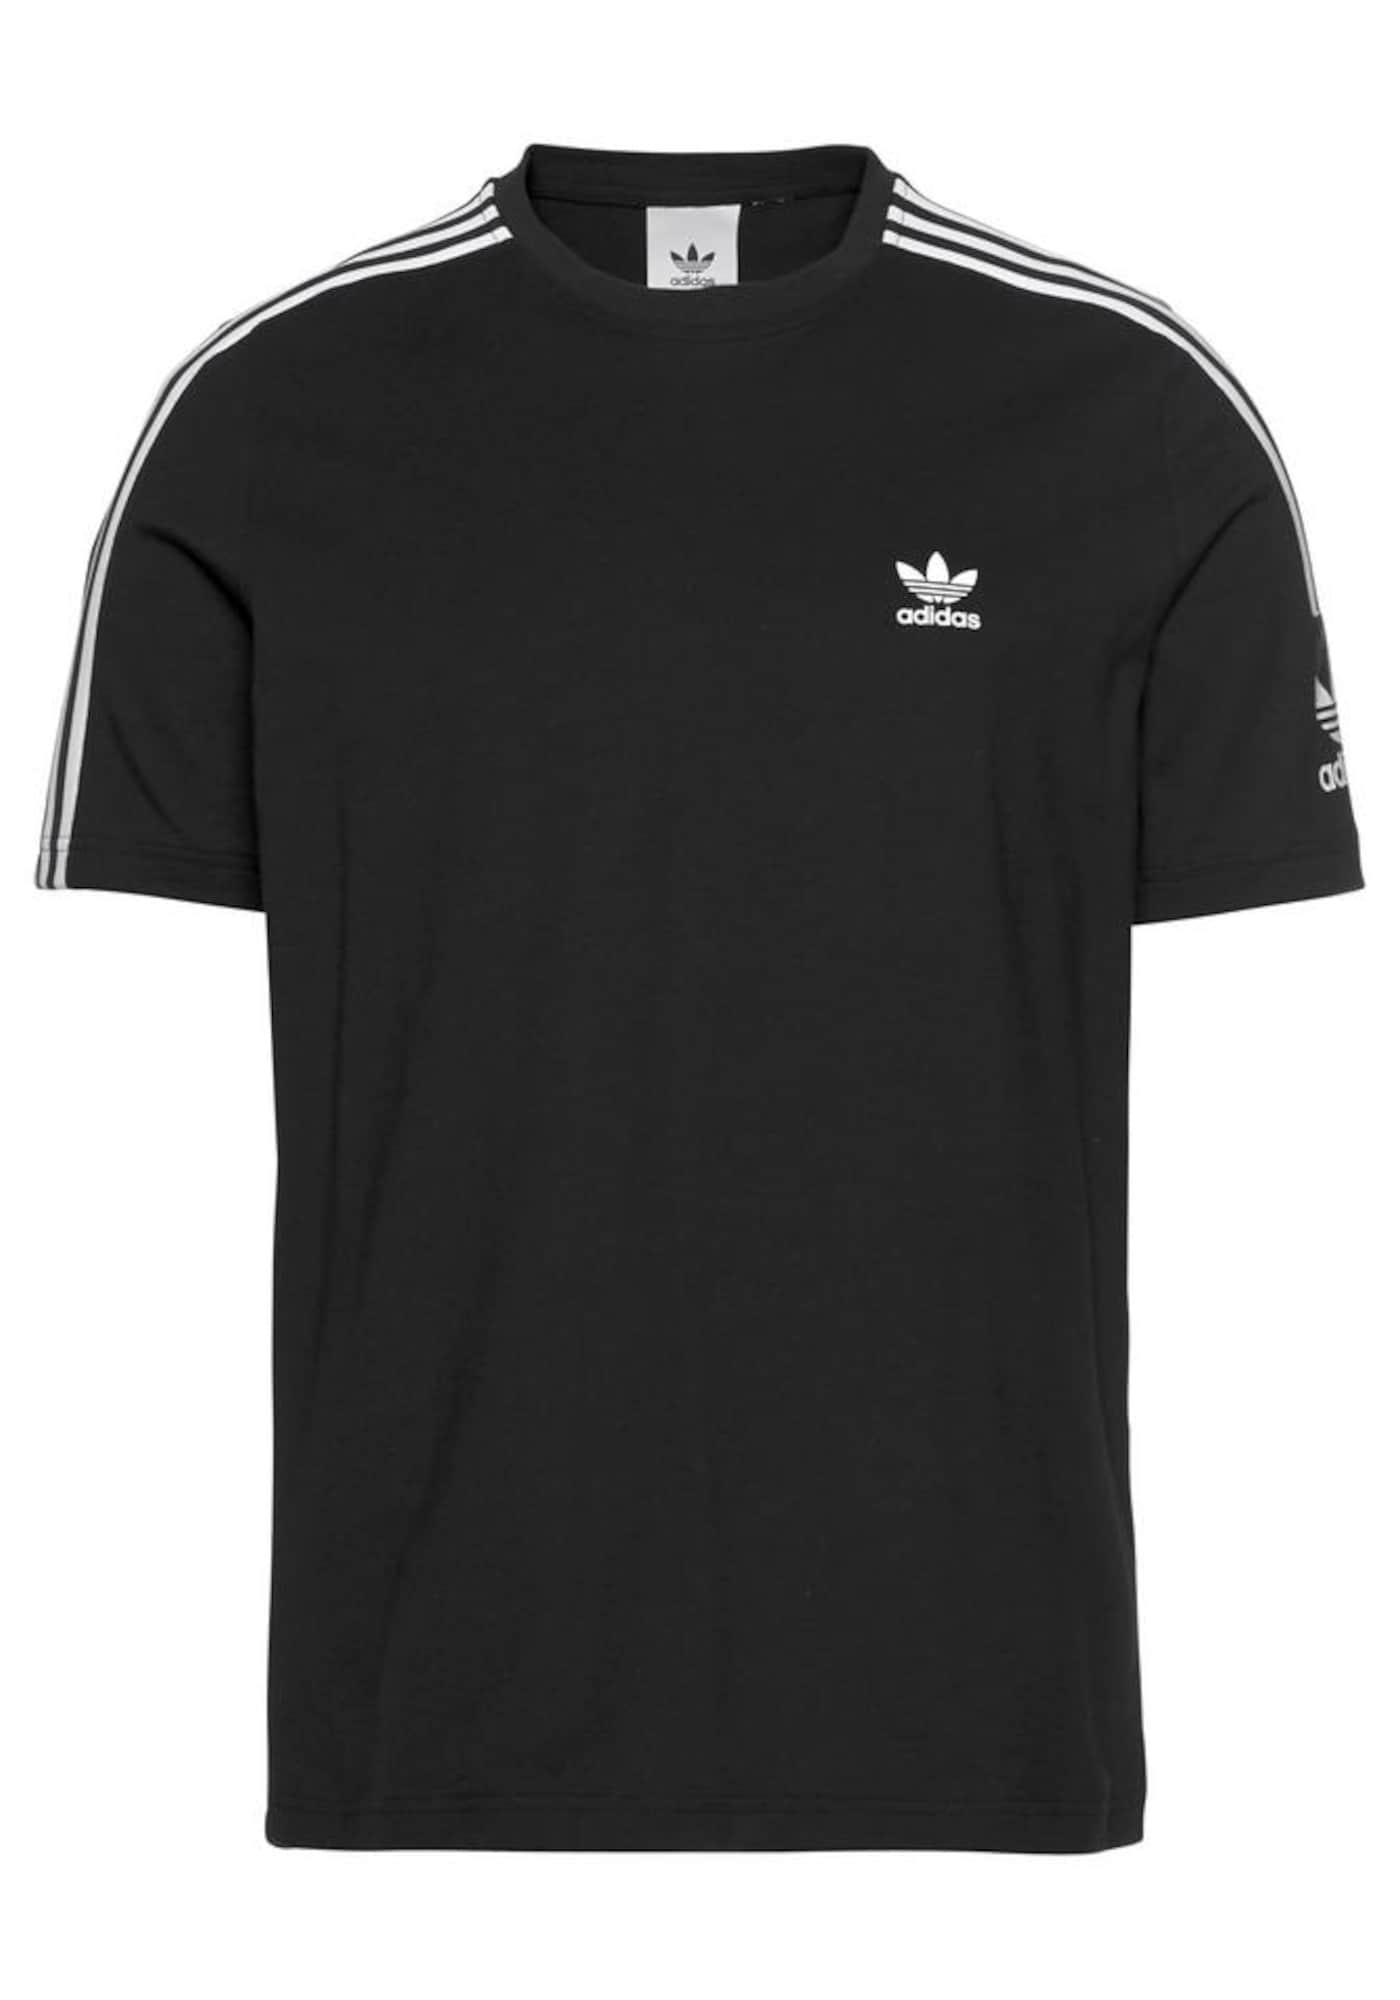 ADIDAS ORIGINALS Marškinėliai 'Lock Up' juoda / balta